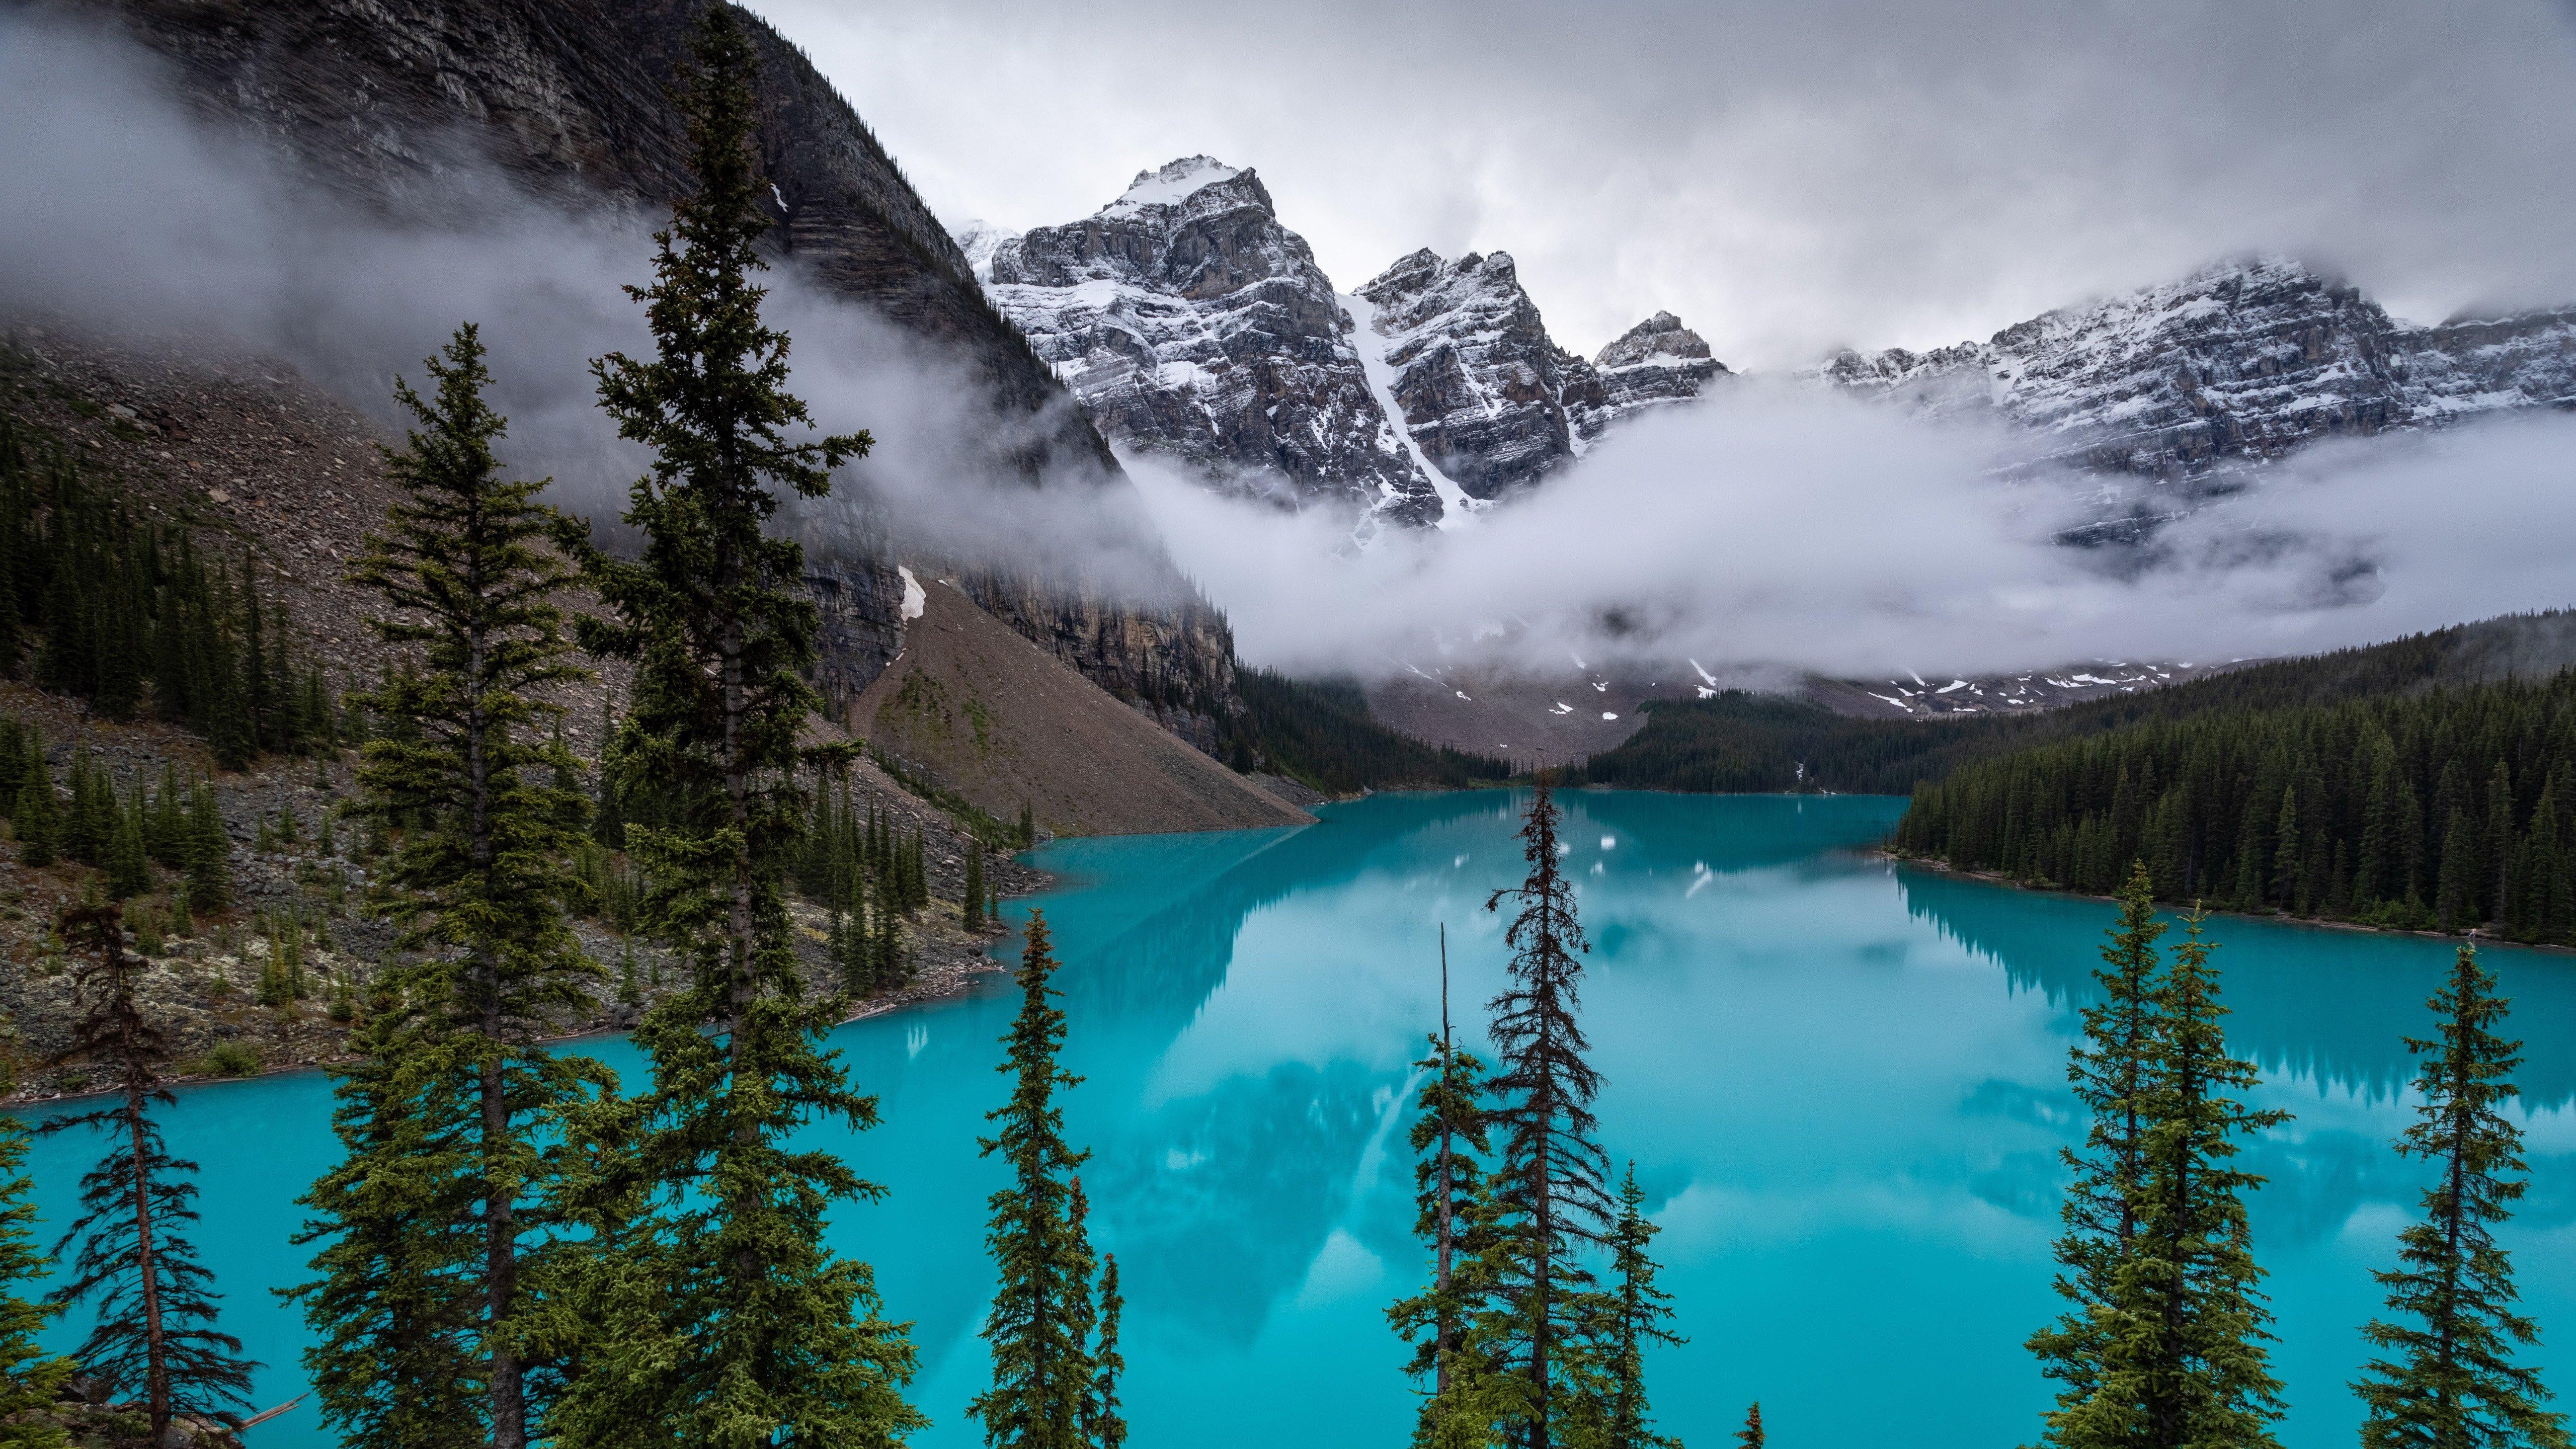 Fondos de pantalla Lago Moraine en Canada con niebla